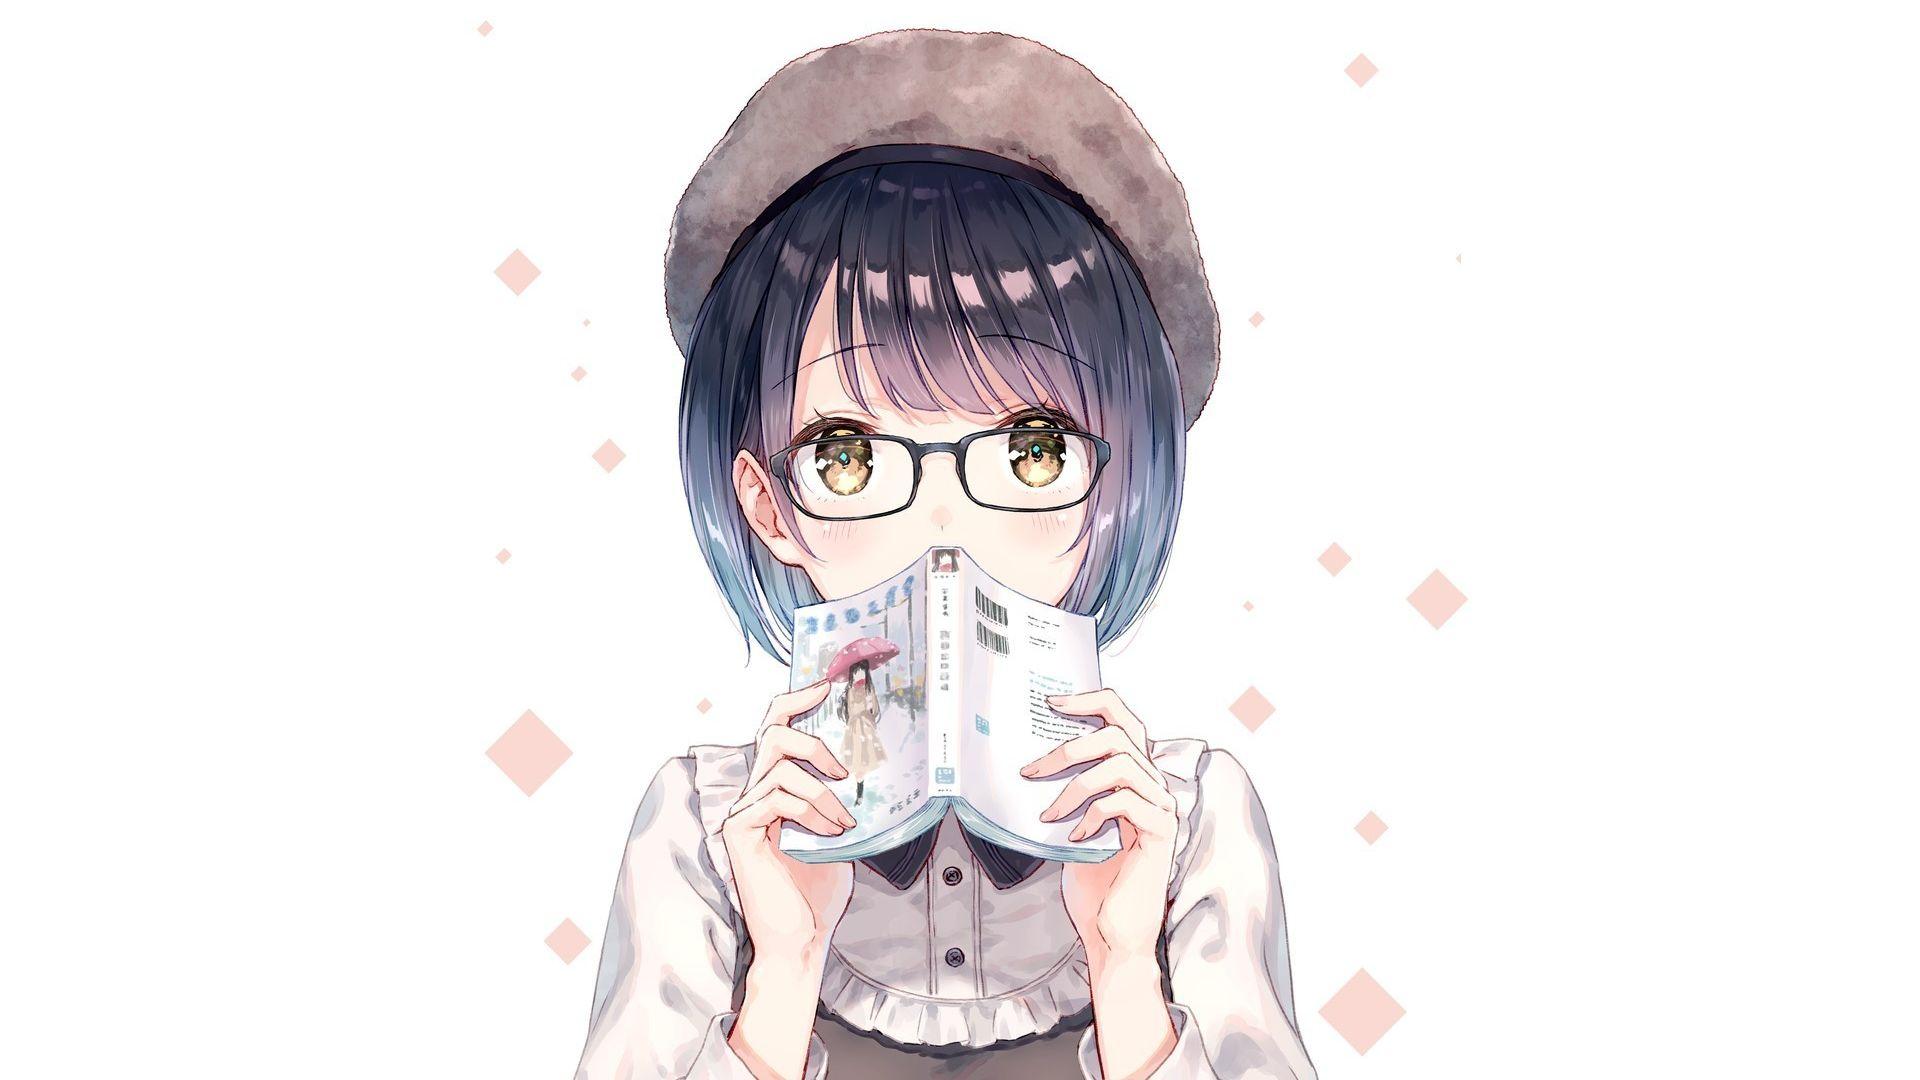 Wallpaper Anime girl, short hair, book